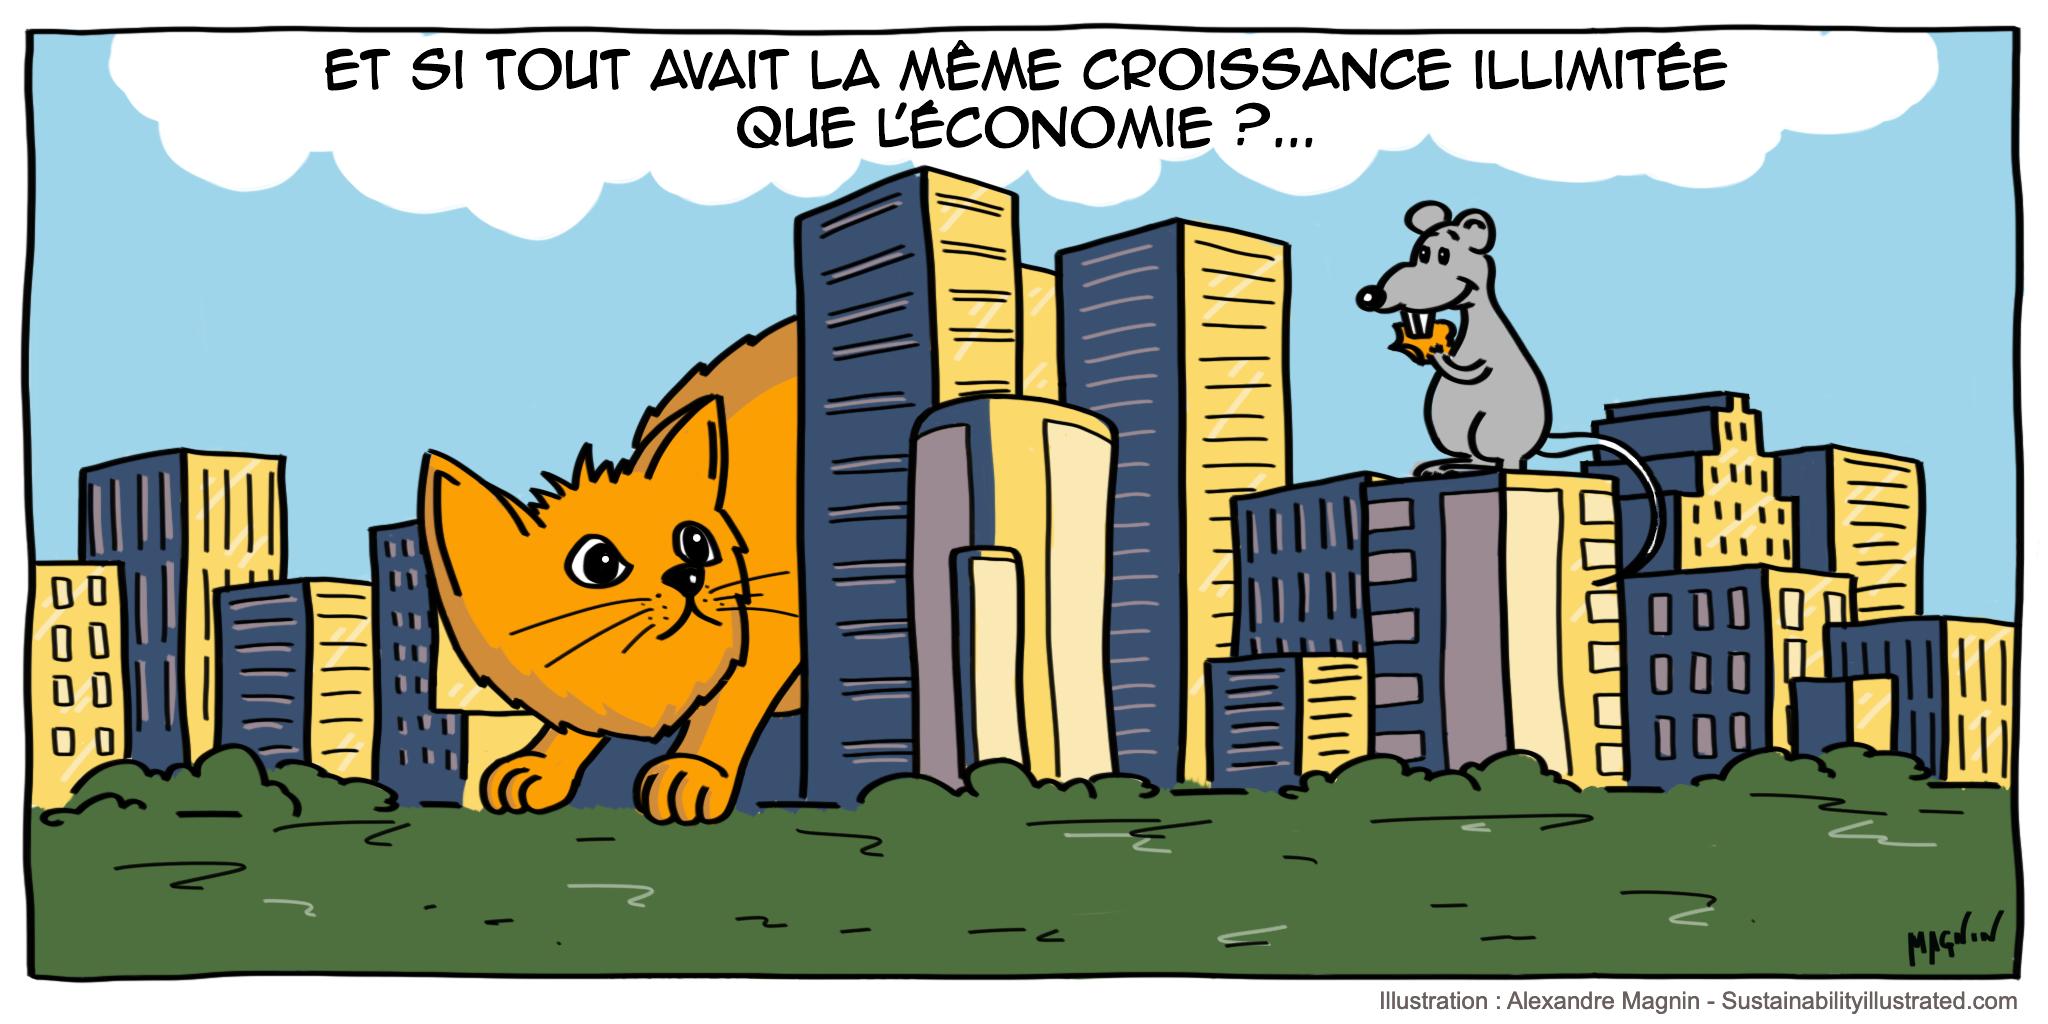 Economie-Croissance-Metaphore-Dessin